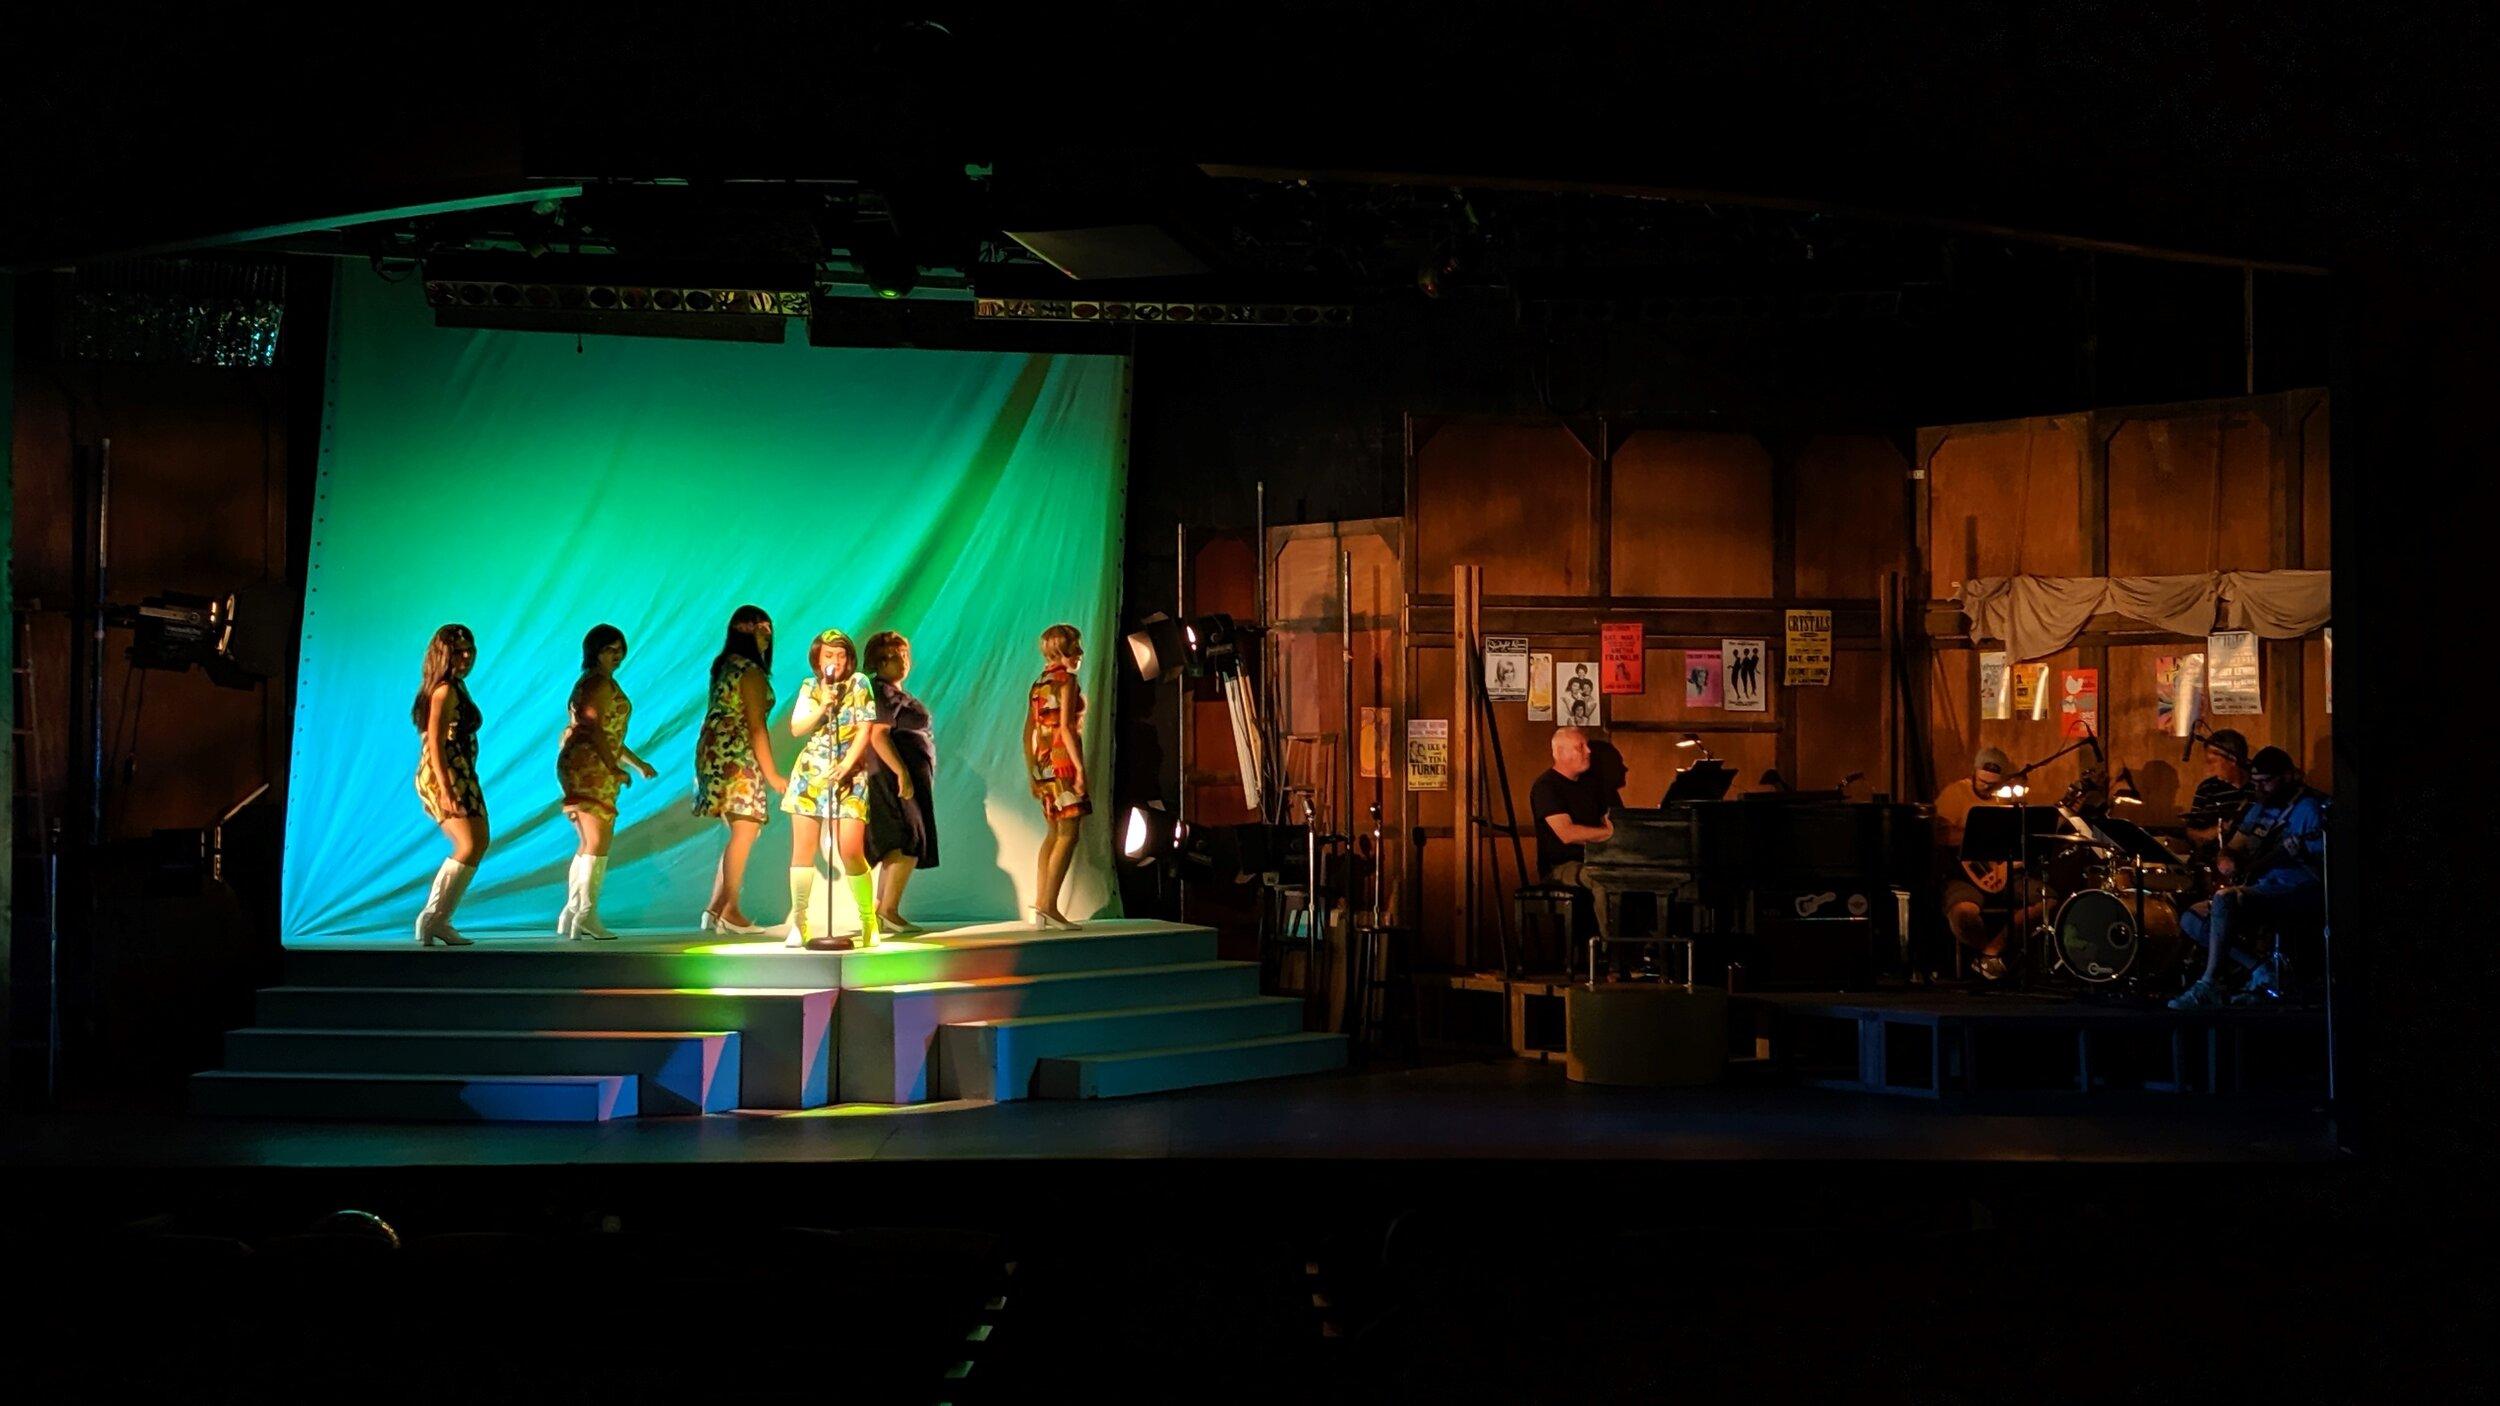 Beehive+-+Natalie+on+stage